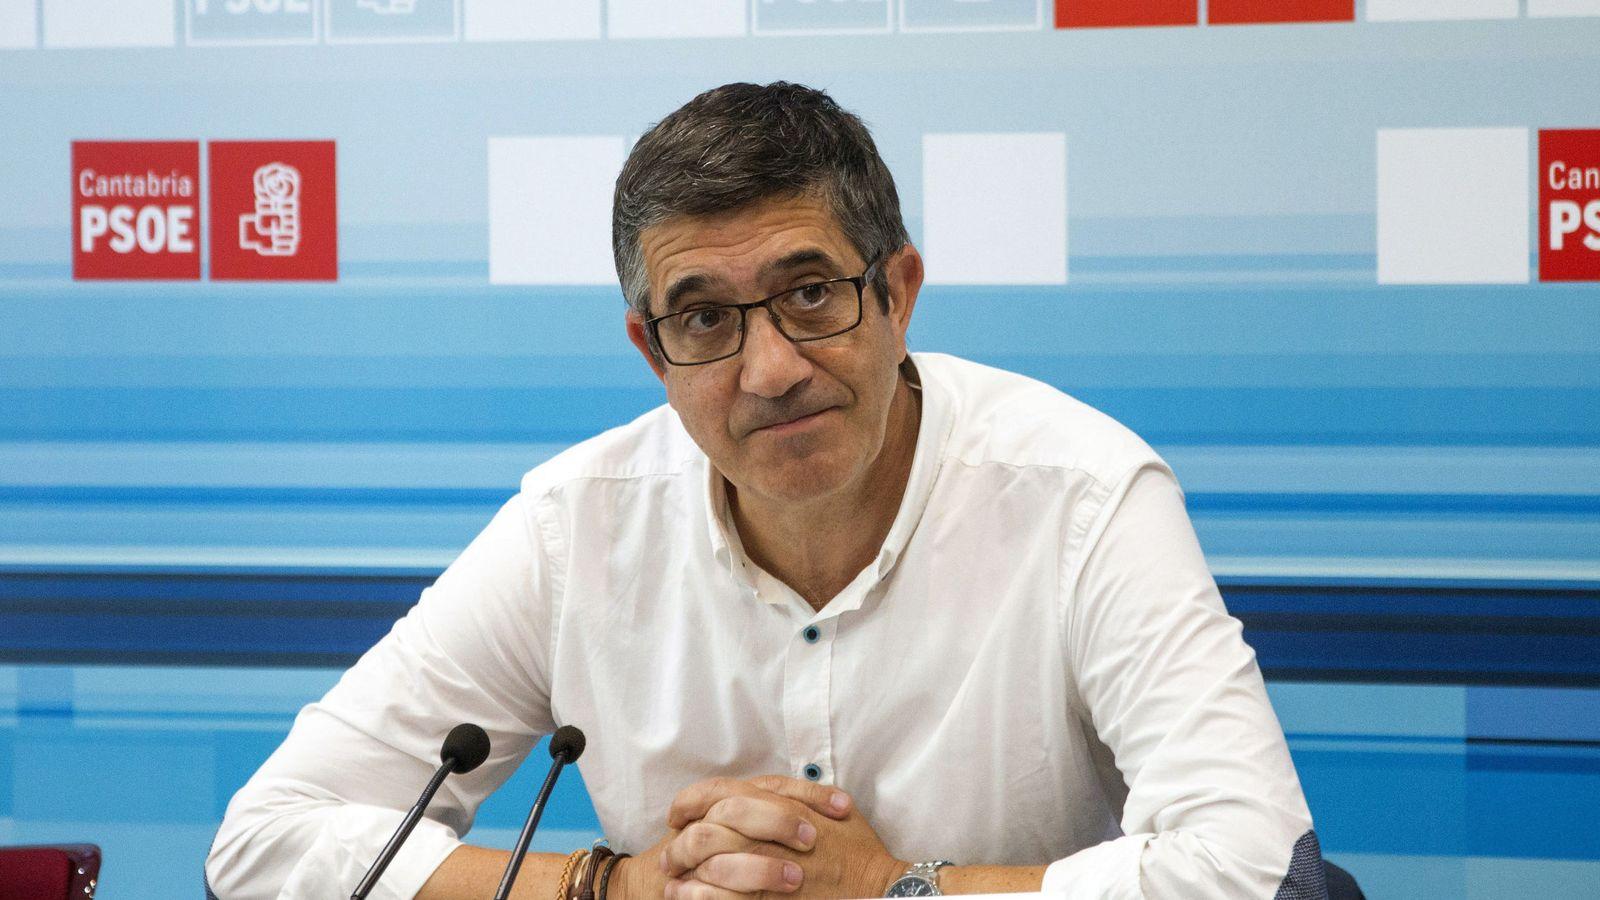 Foto: El expresidente del Congreso, Patxi López, el pasado 27 de agosto en Santander. (EFE)